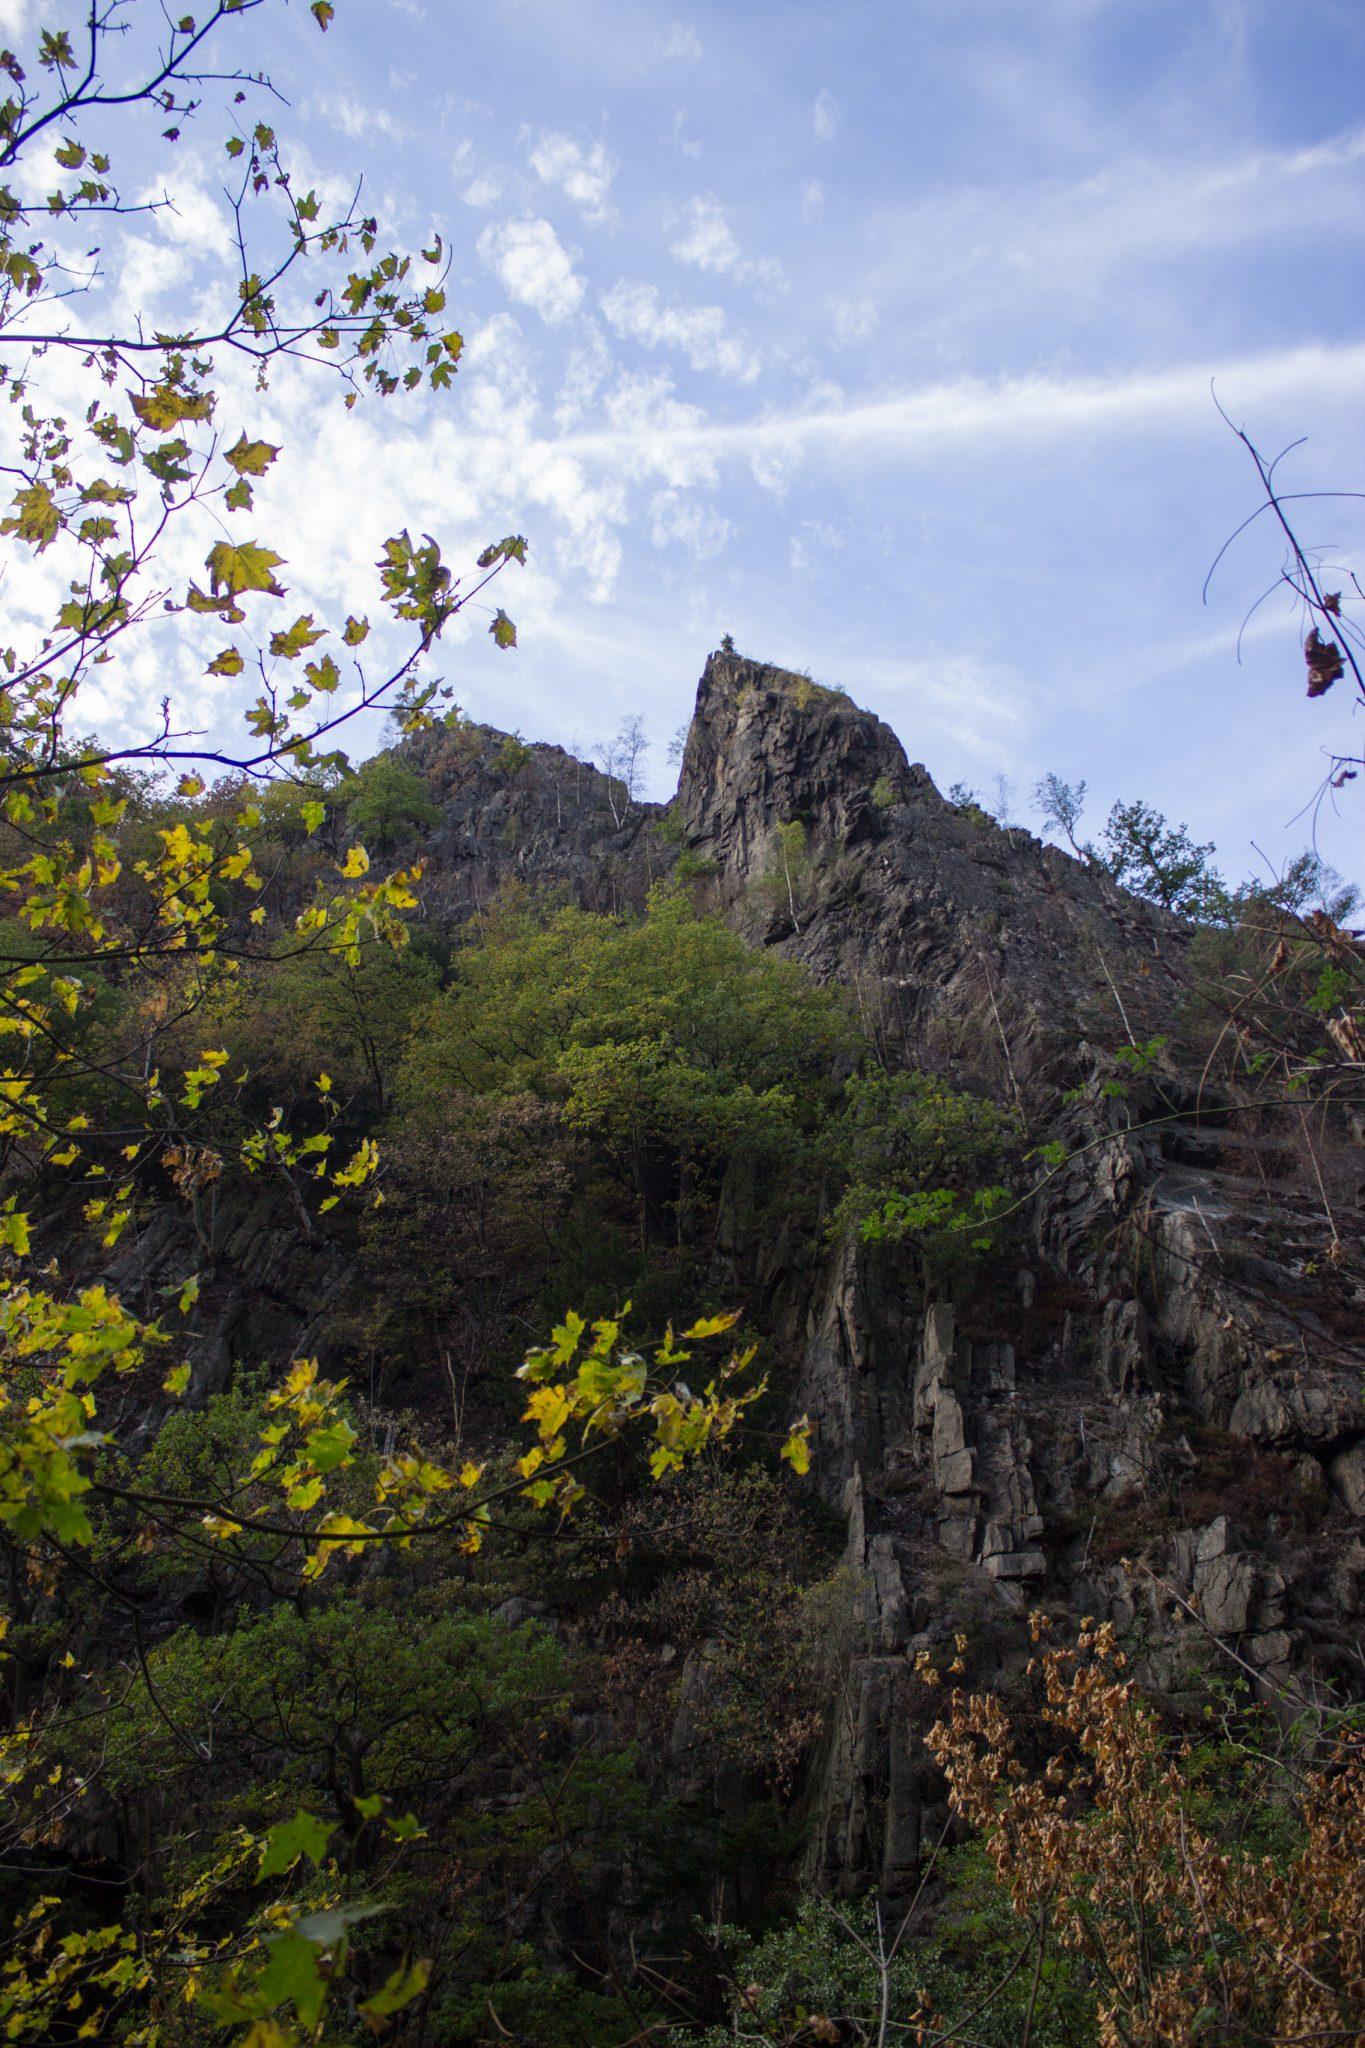 Rundwanderung Thale nach Treseburg - über Hexentanzplatz, Bodetal und Roßtrappe, beeindruckende Aussicht im Bodetal auf riesige Steilwände aus Fels, große tiefe Schlucht um Fluß Bode im Bodetal, in der Nähe von Thale